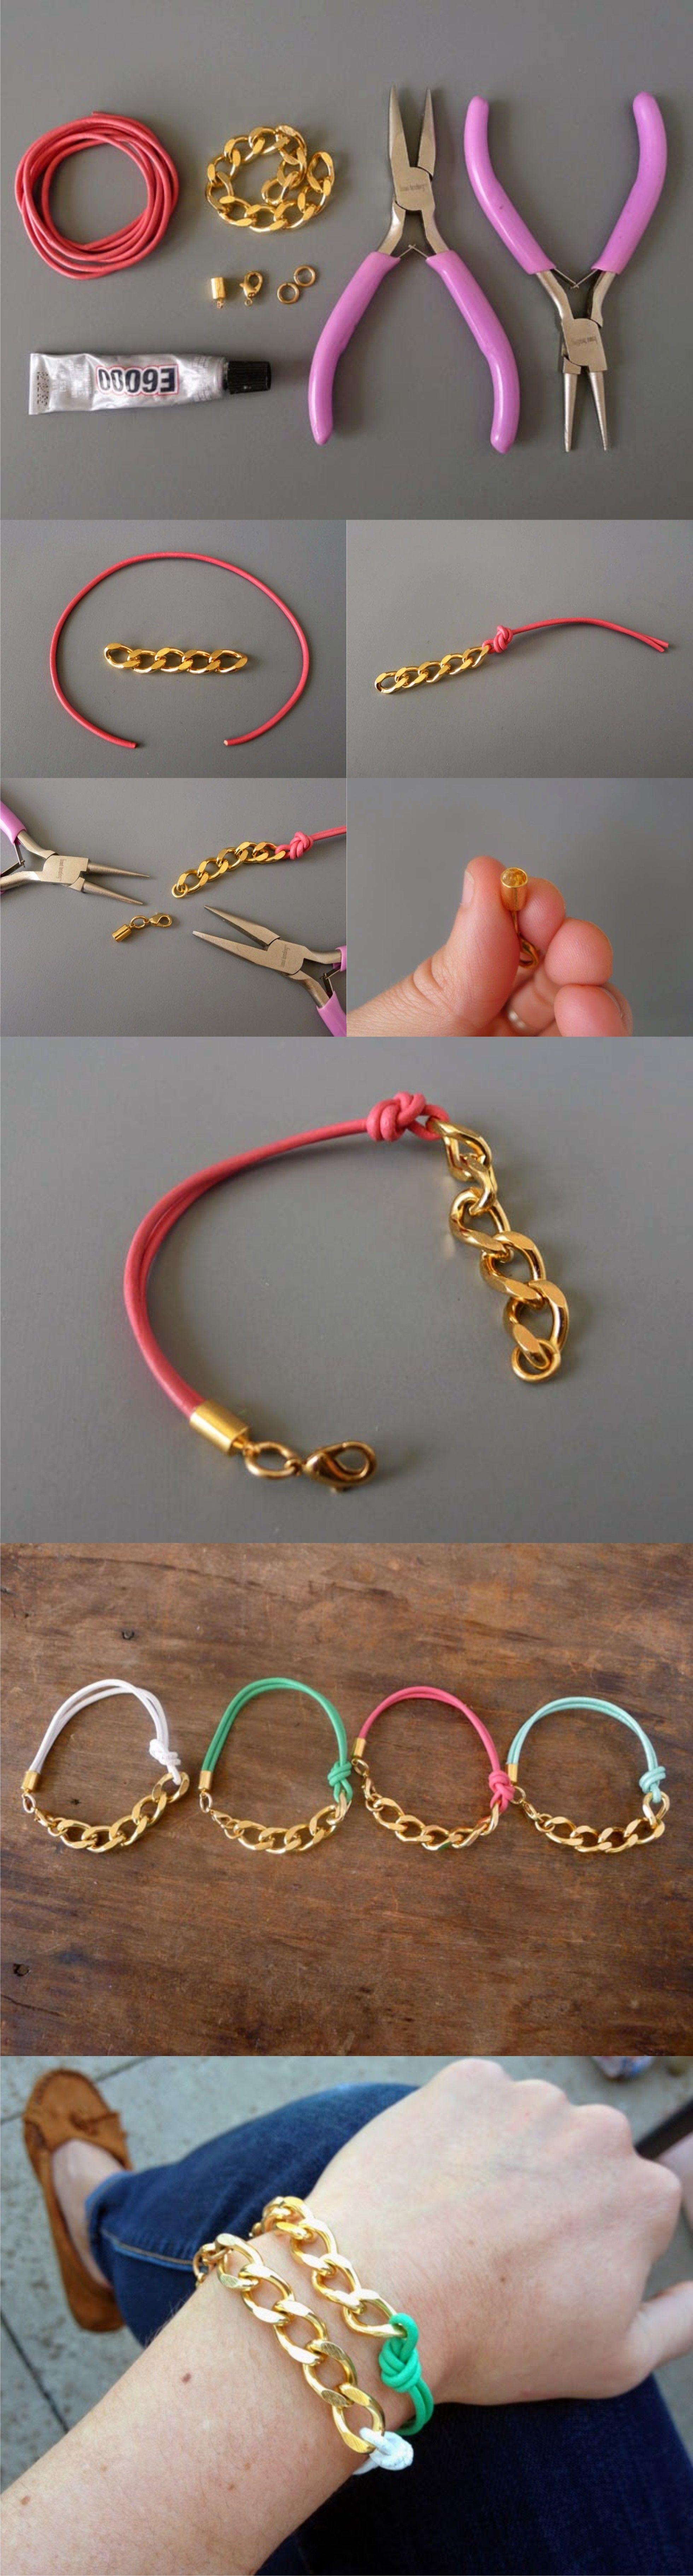 Pulsera con cadena y cordón de cuero via